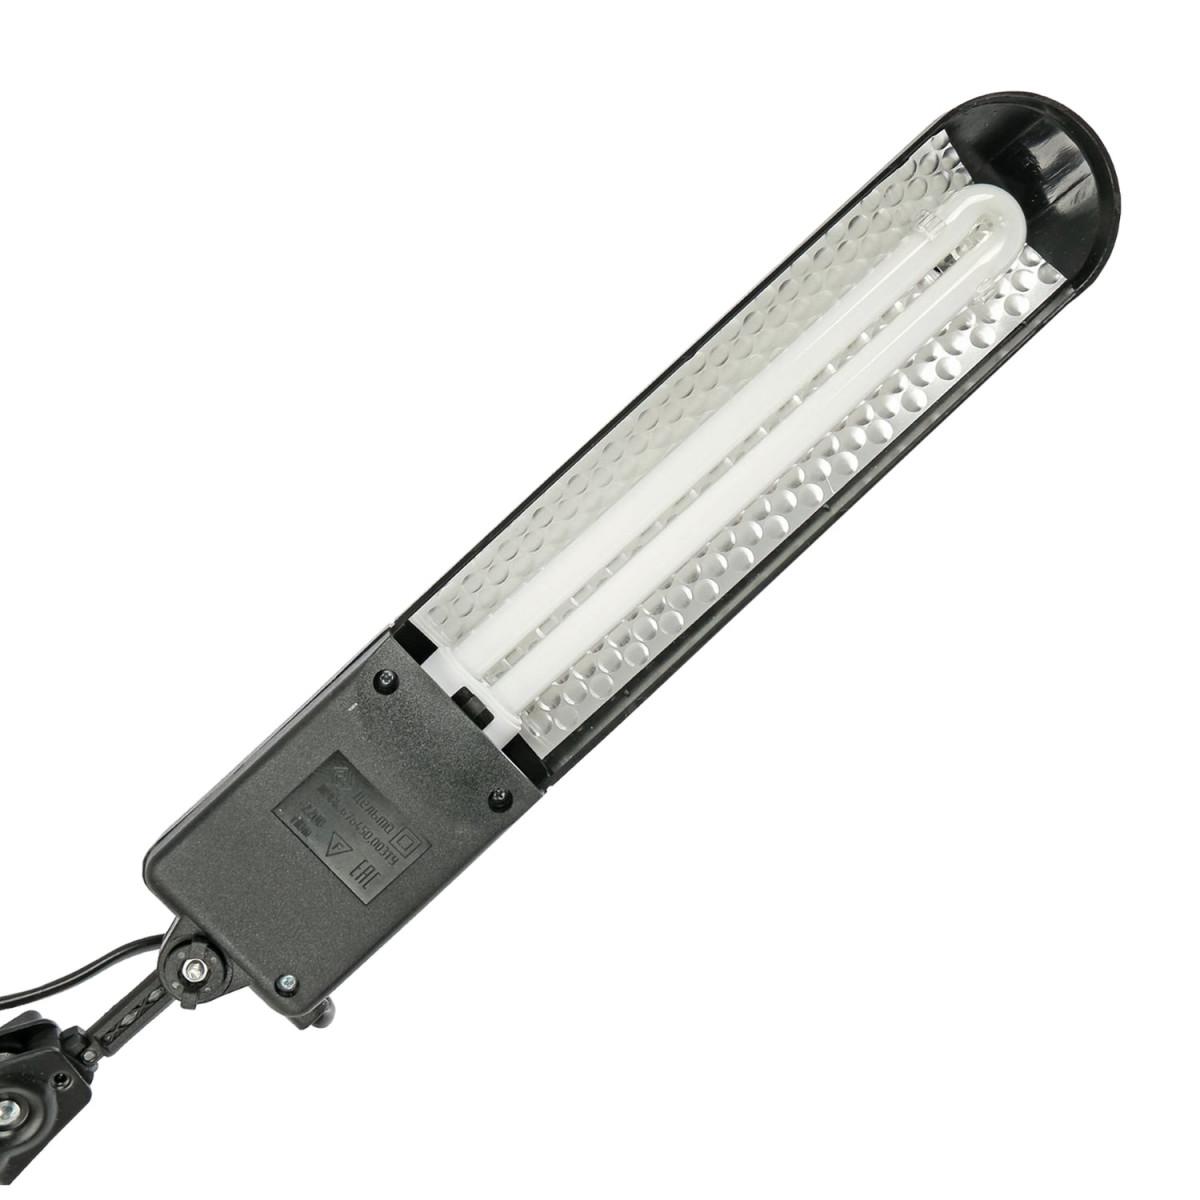 """Светильник настольный """"Дельта"""", на струбцине, люминесцентный, 11 Вт, черный, высота 70 см, 2G7"""